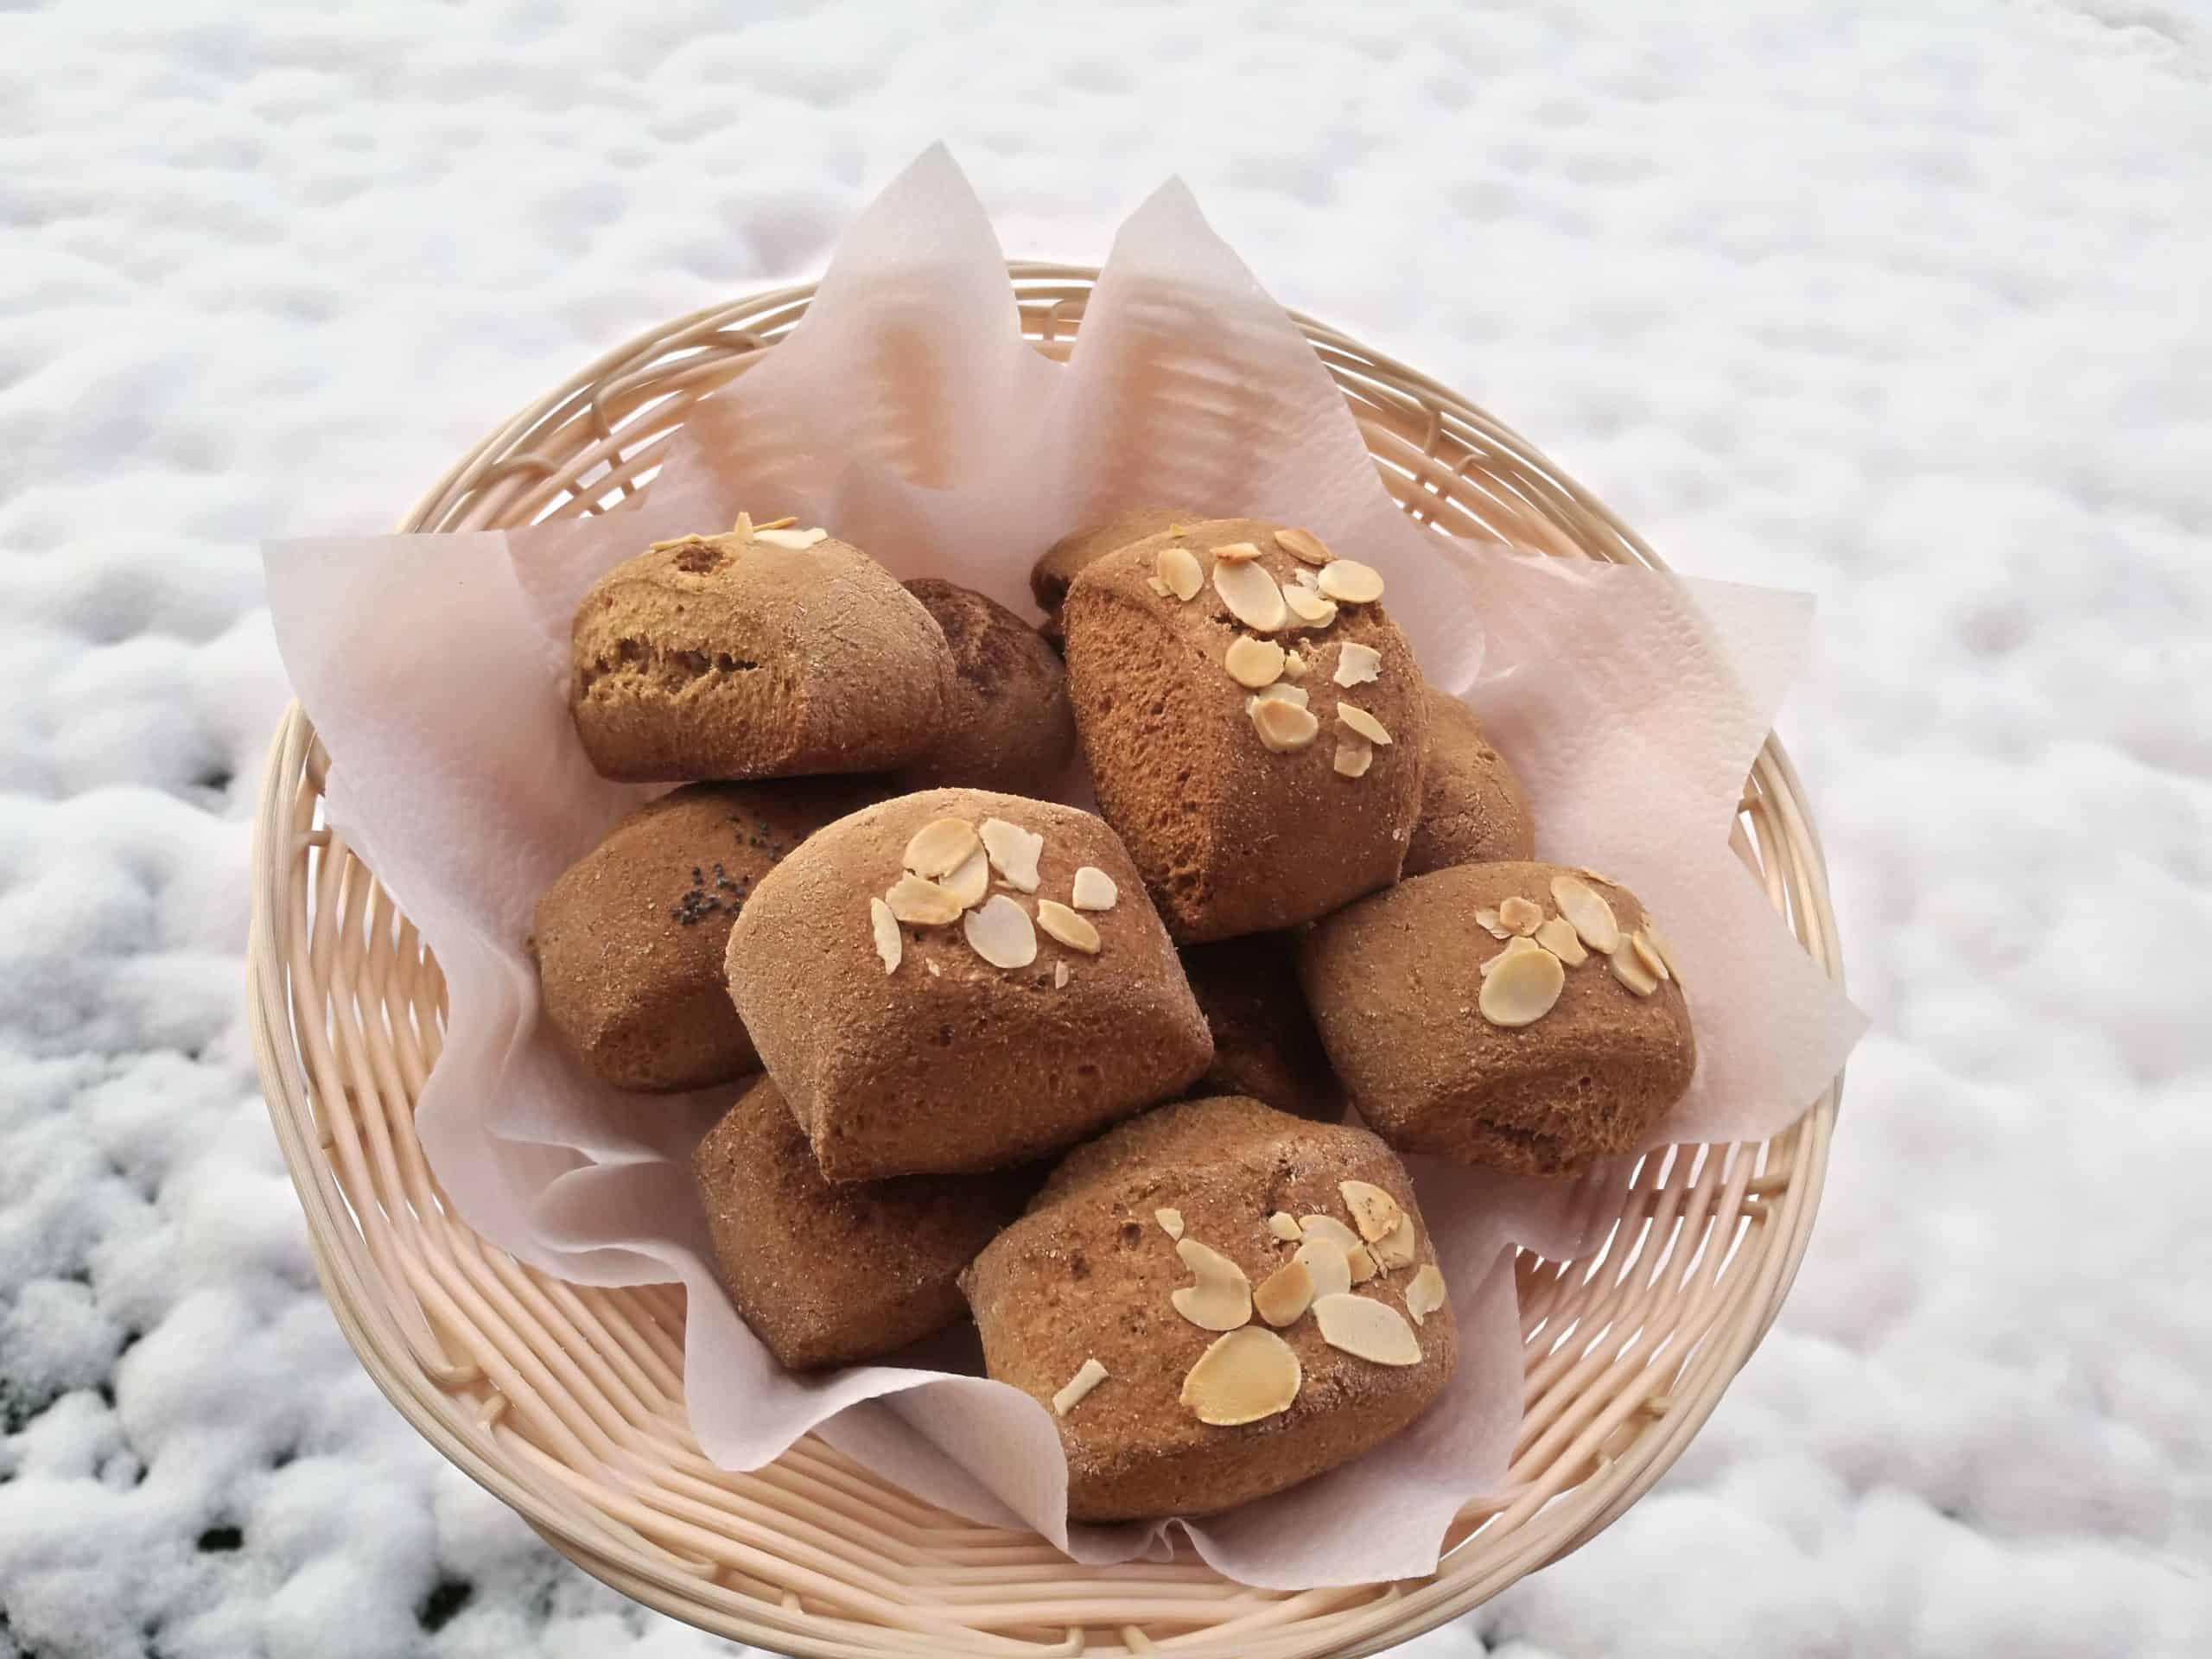 Viso grūdo speltos saldžios bandelės su kefyru receptas sveikas užkandis